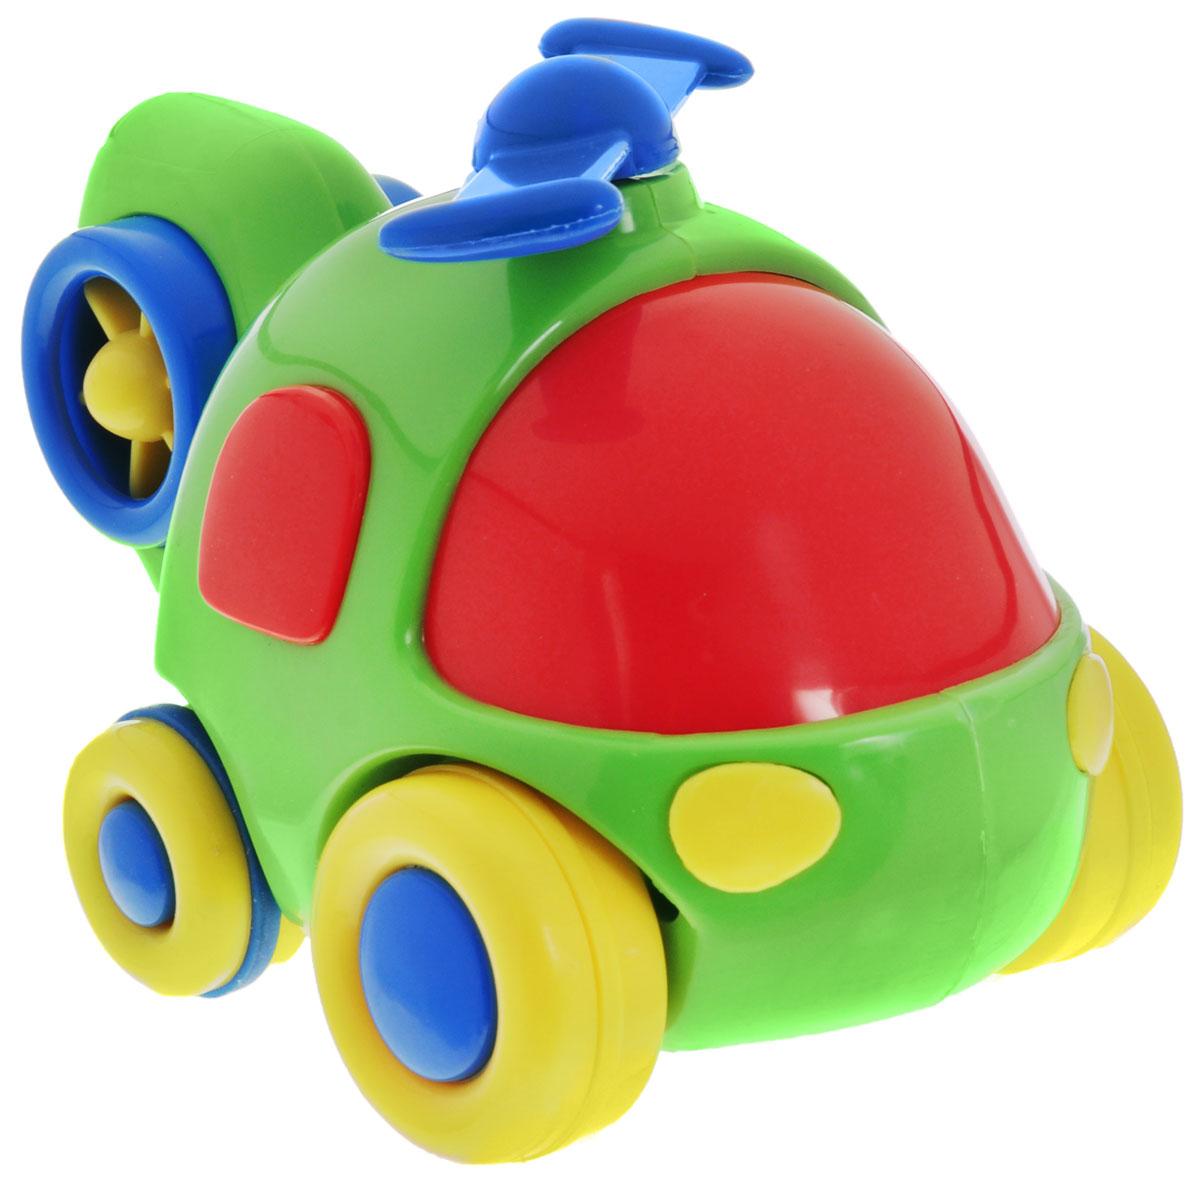 Simba Вертолет инерционный цвет салатовый4015832_зеленый вертолетЯркая игрушка Simba Вертолет привлечет внимание вашего малыша и не позволит ему скучать! Выполненная из безопасного пластика, игрушка представляет собой забавный вертолет. Округлые без острых углов формы гарантируют безопасность даже самым маленьким. Для запуска, установите игрушку на поверхность, оттяните ее назад или прокатите вперед и отпустите, игрушка продолжит движение. Во время движения пропеллер начинает вращаться. Инерционная игрушка Вертолет поможет ребенку в развитии воображения, мелкой моторики рук, концентрации внимания и цветового восприятия.